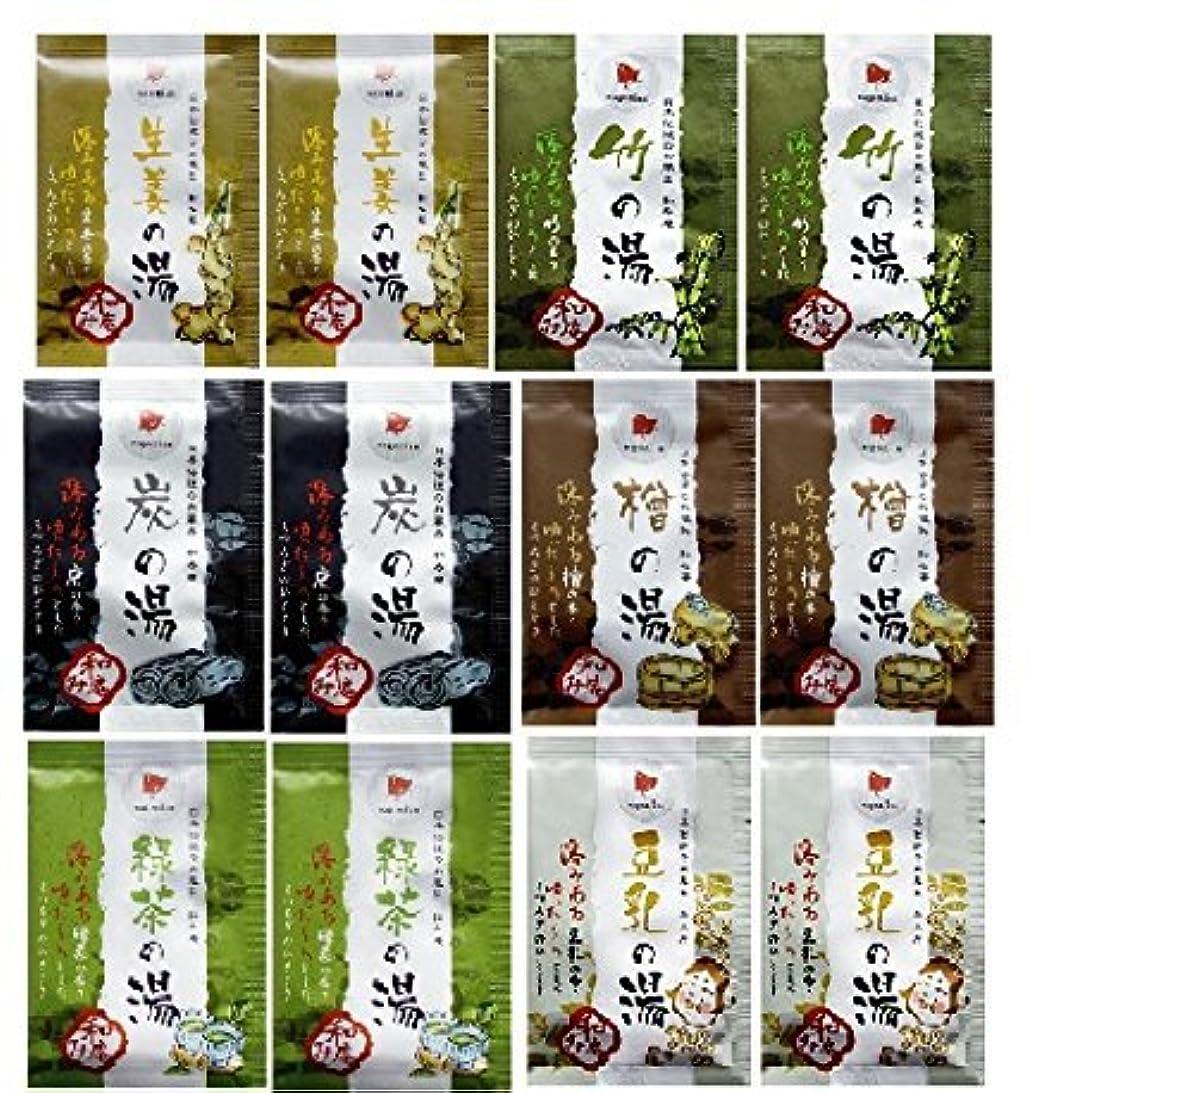 ウェイドシステム平らな日本伝統のお風呂 和み庵 6種類×2 12包